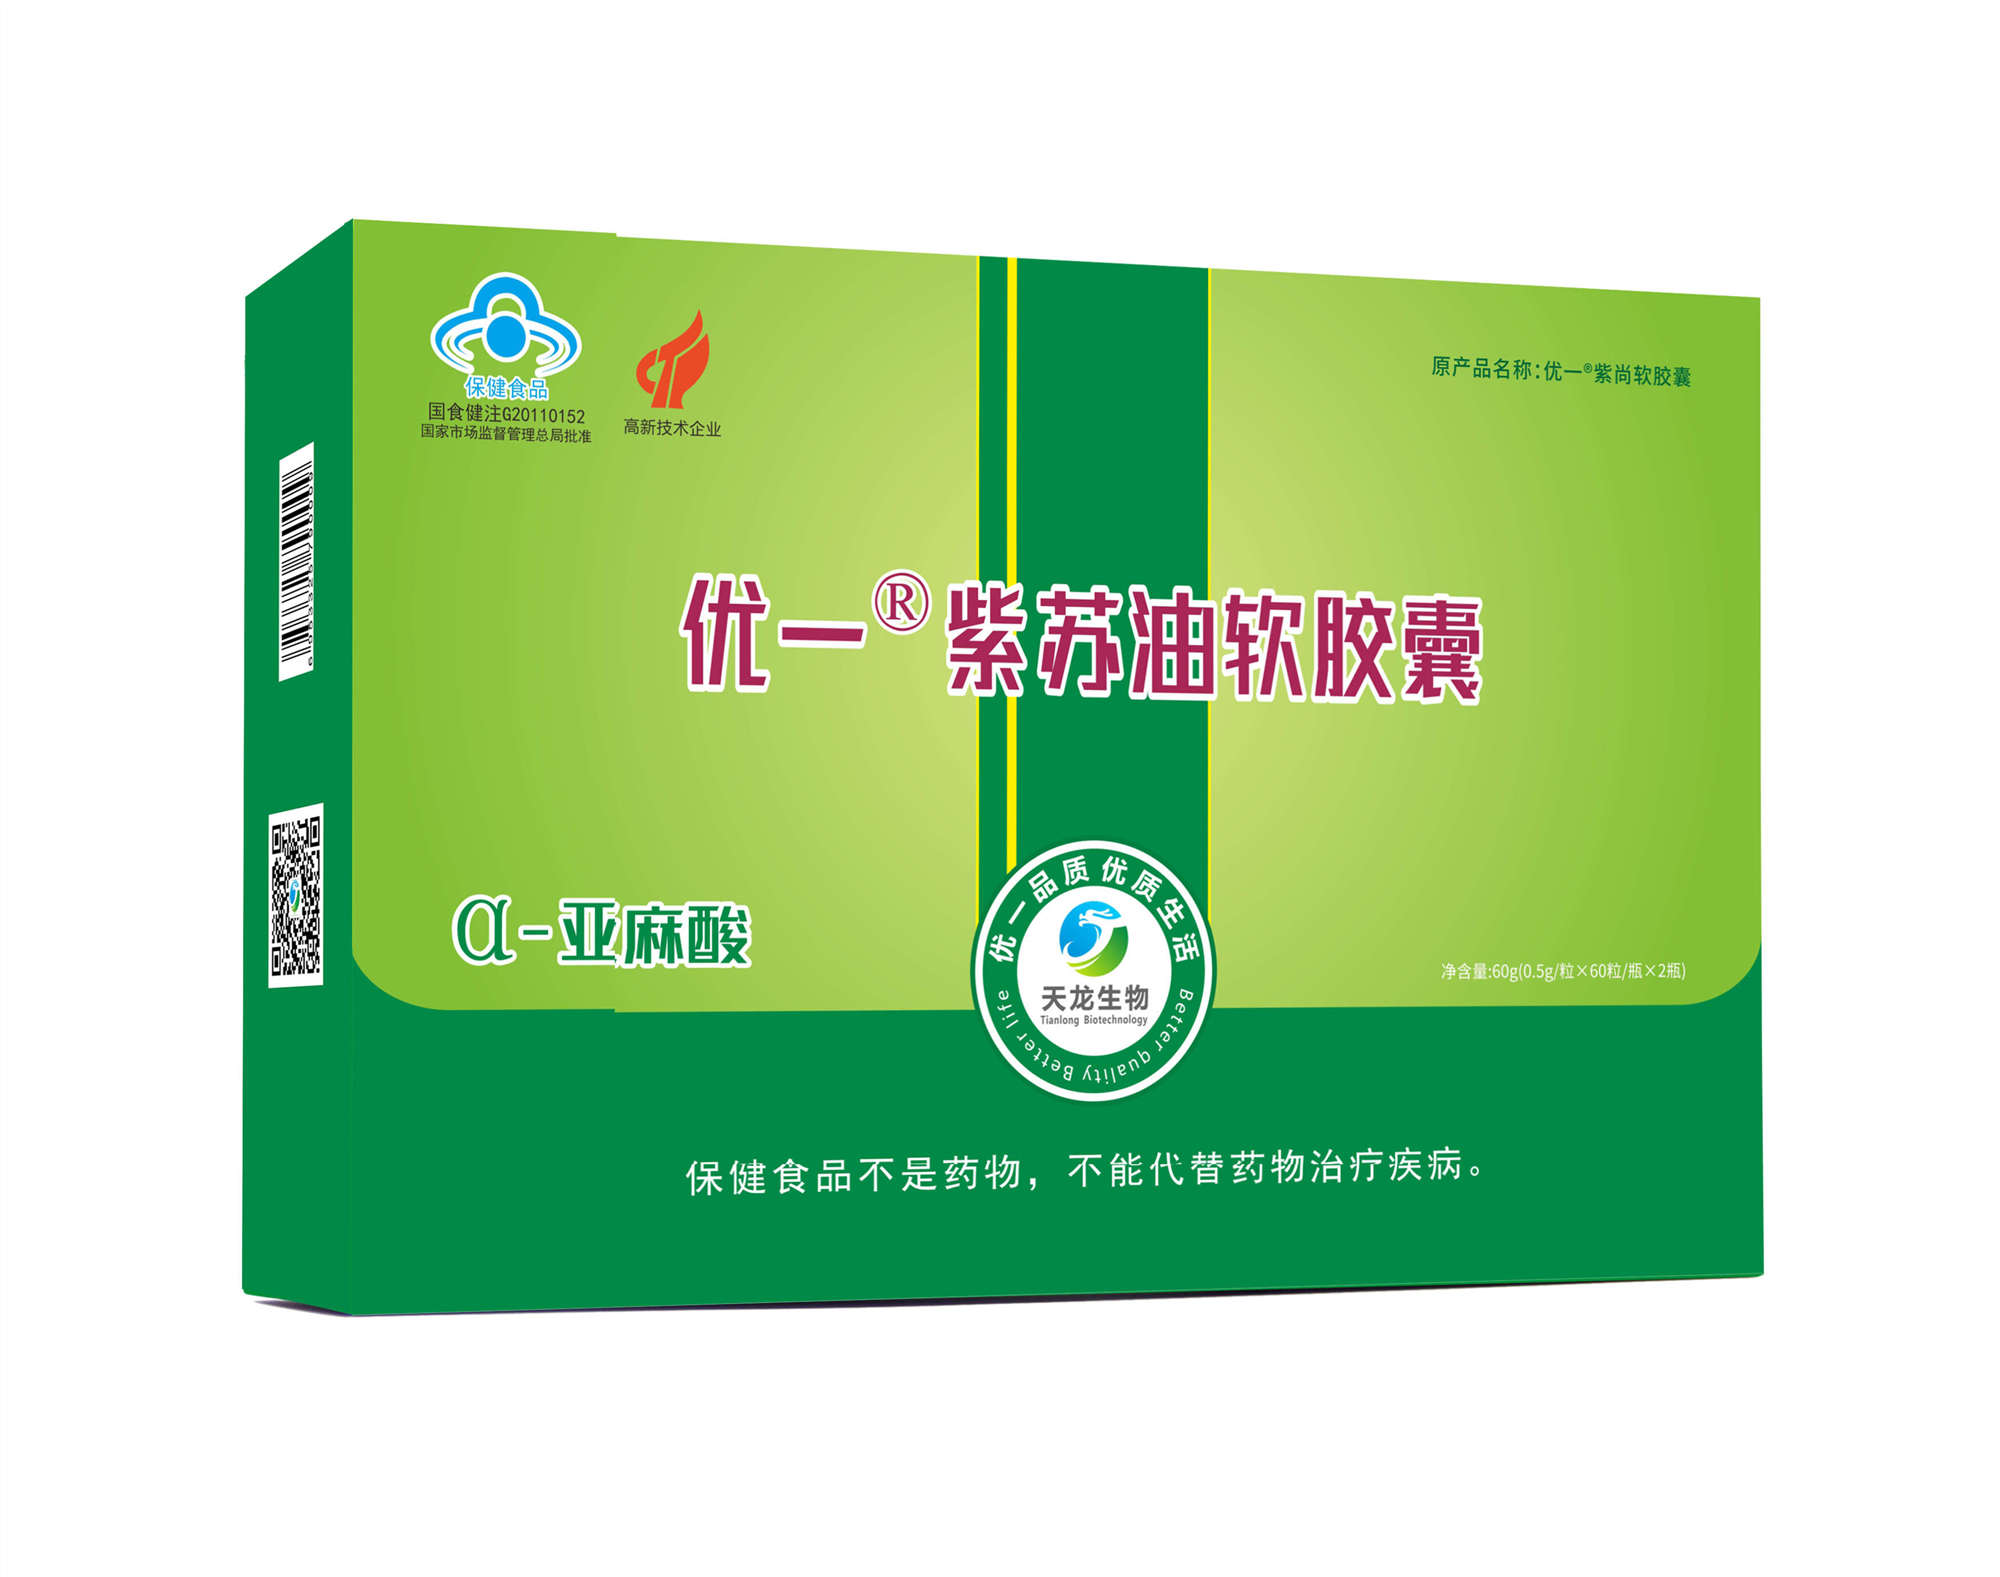 α-亚麻酸 紫苏油(紫尚)软胶囊